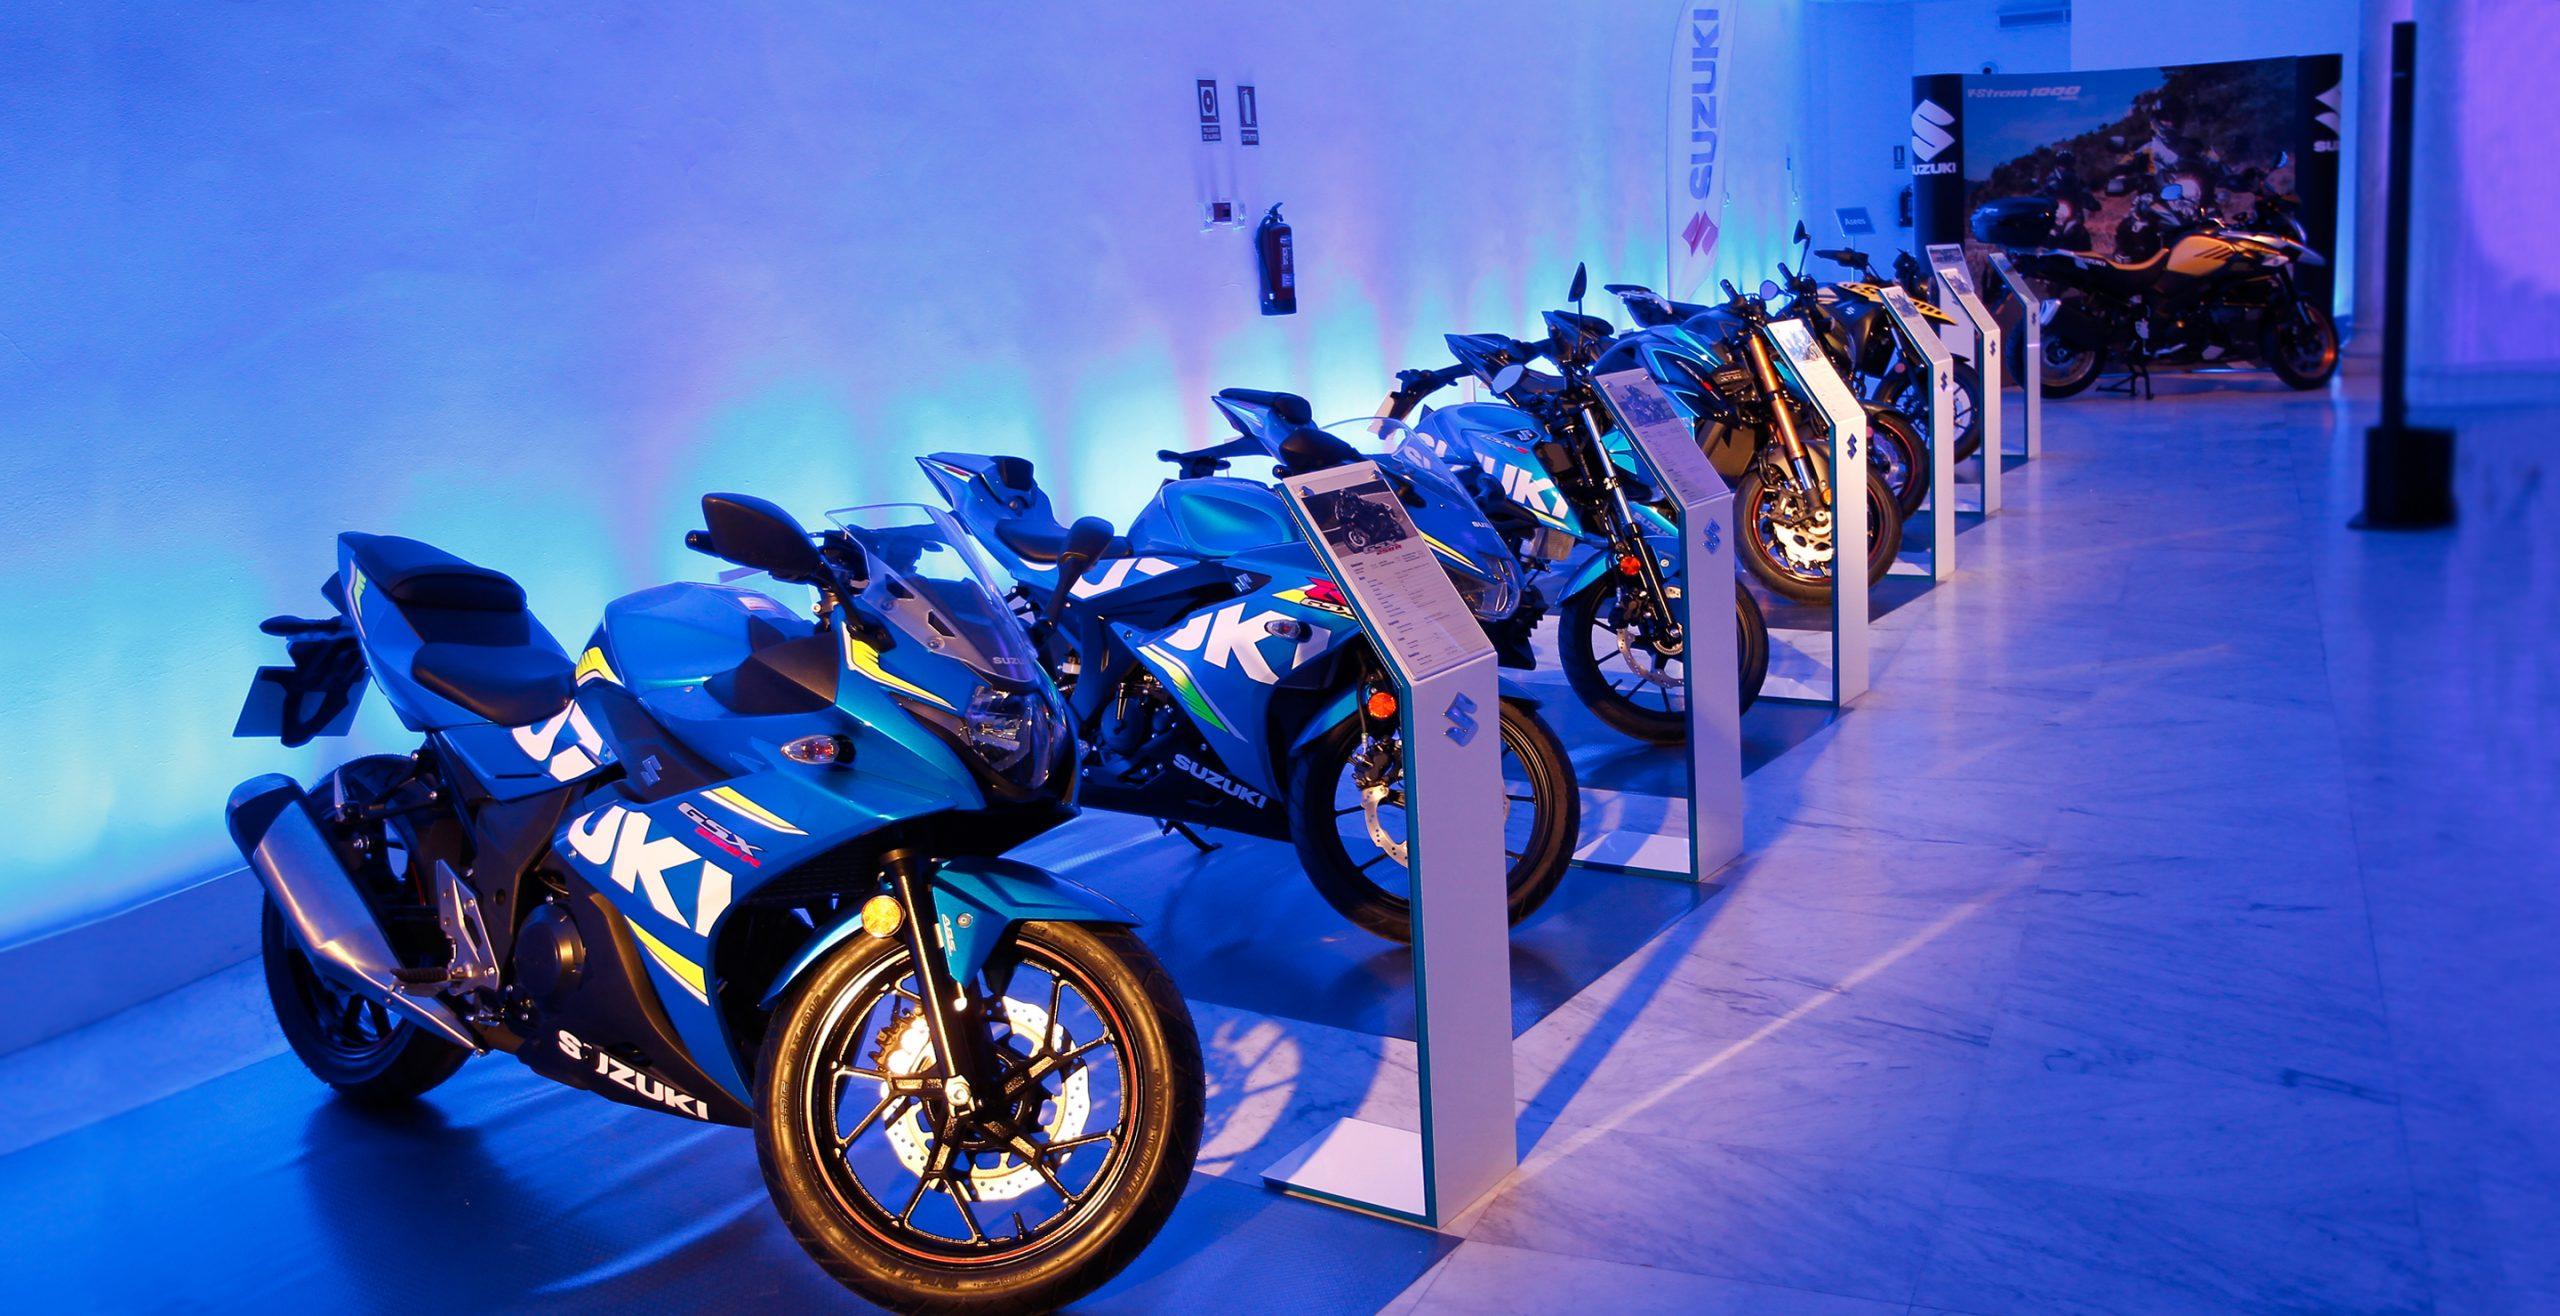 Modelos de motos Suzuki en sala del Palacio Neptuno